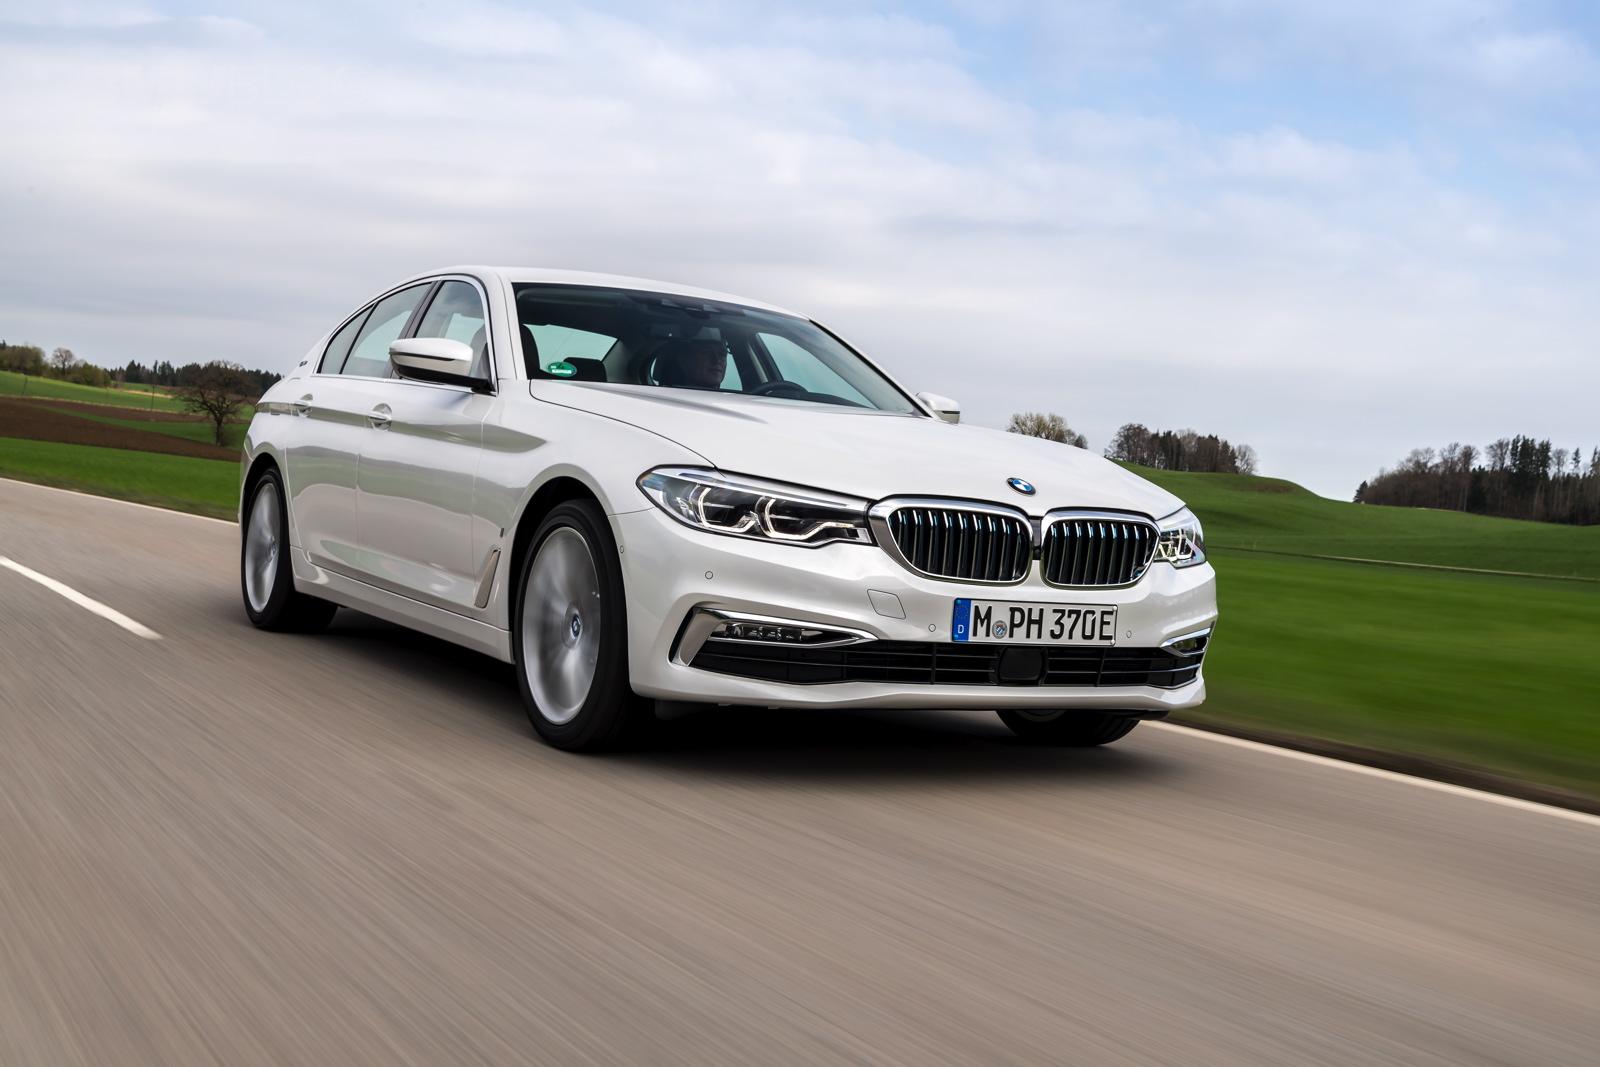 2018 BMW 530e test drive 27